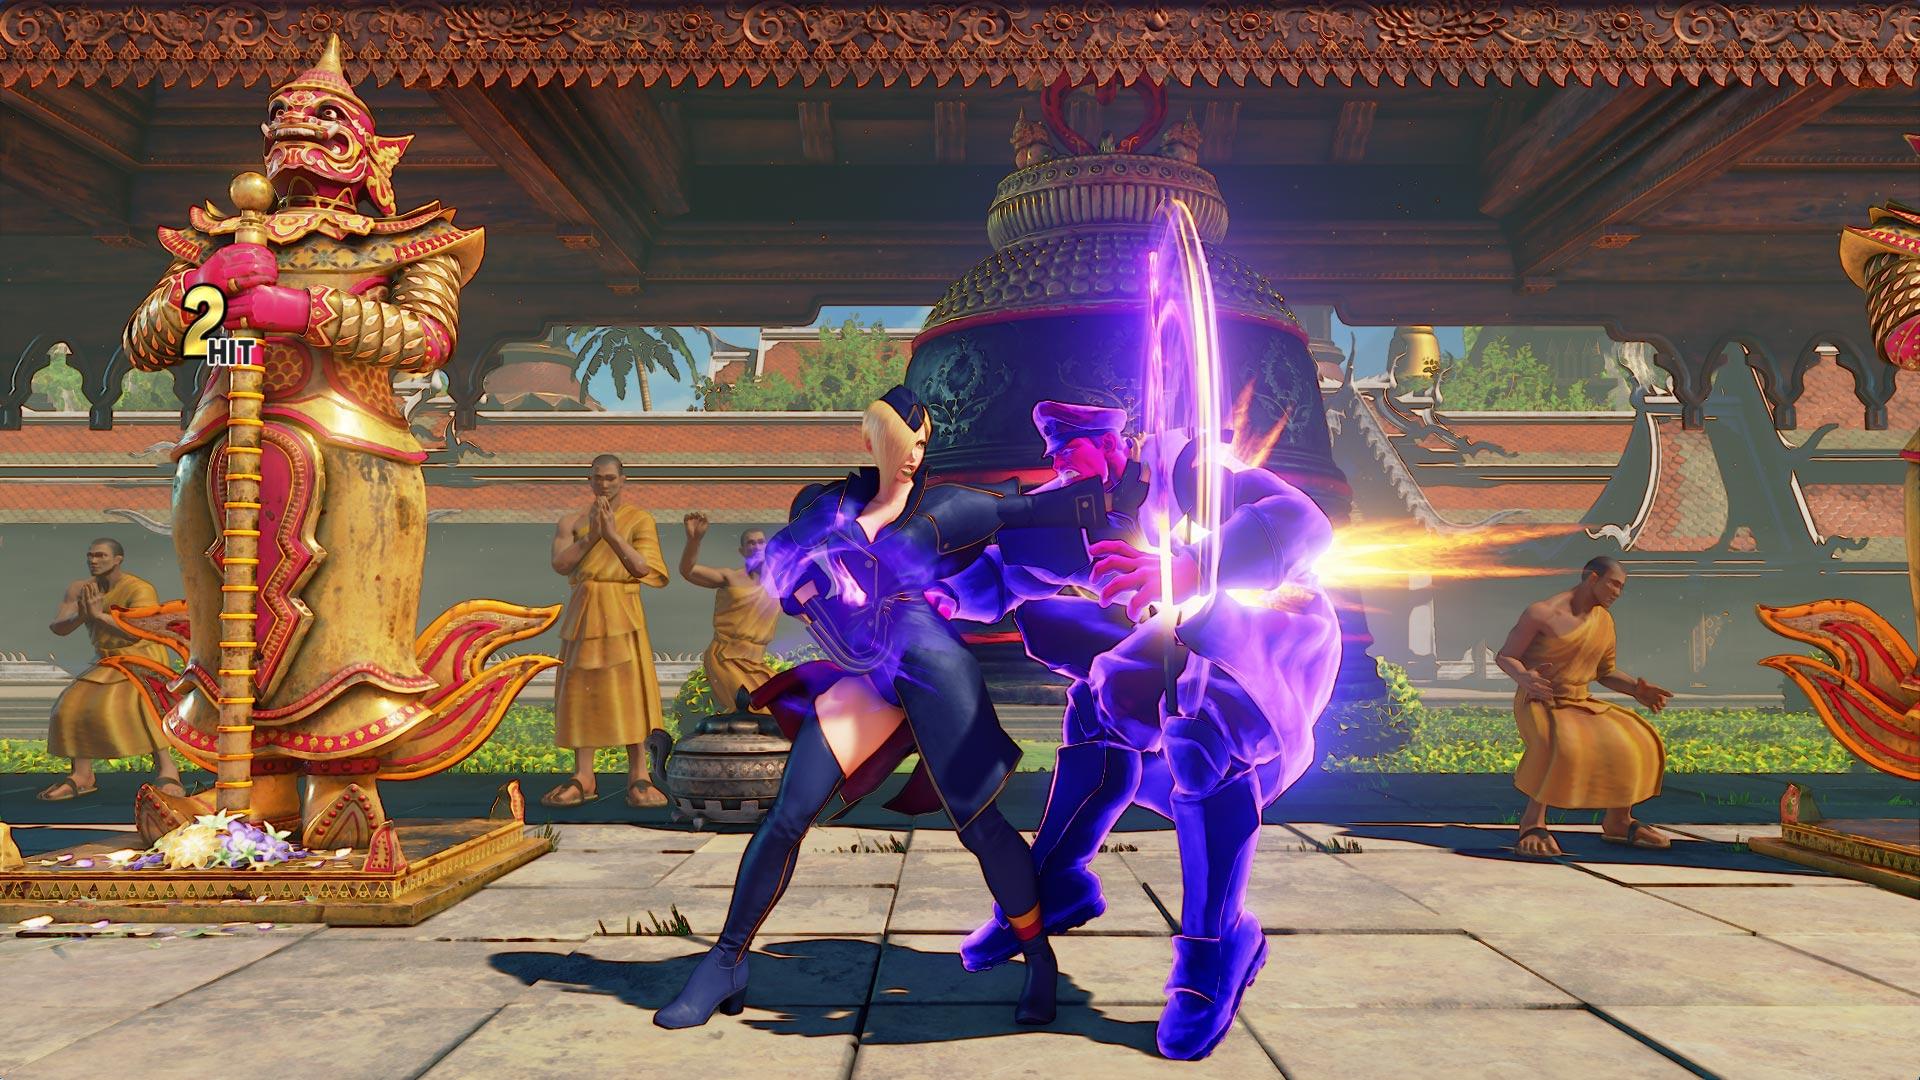 M Bison Street Fighter Movie Street Fighter 5: Arca...